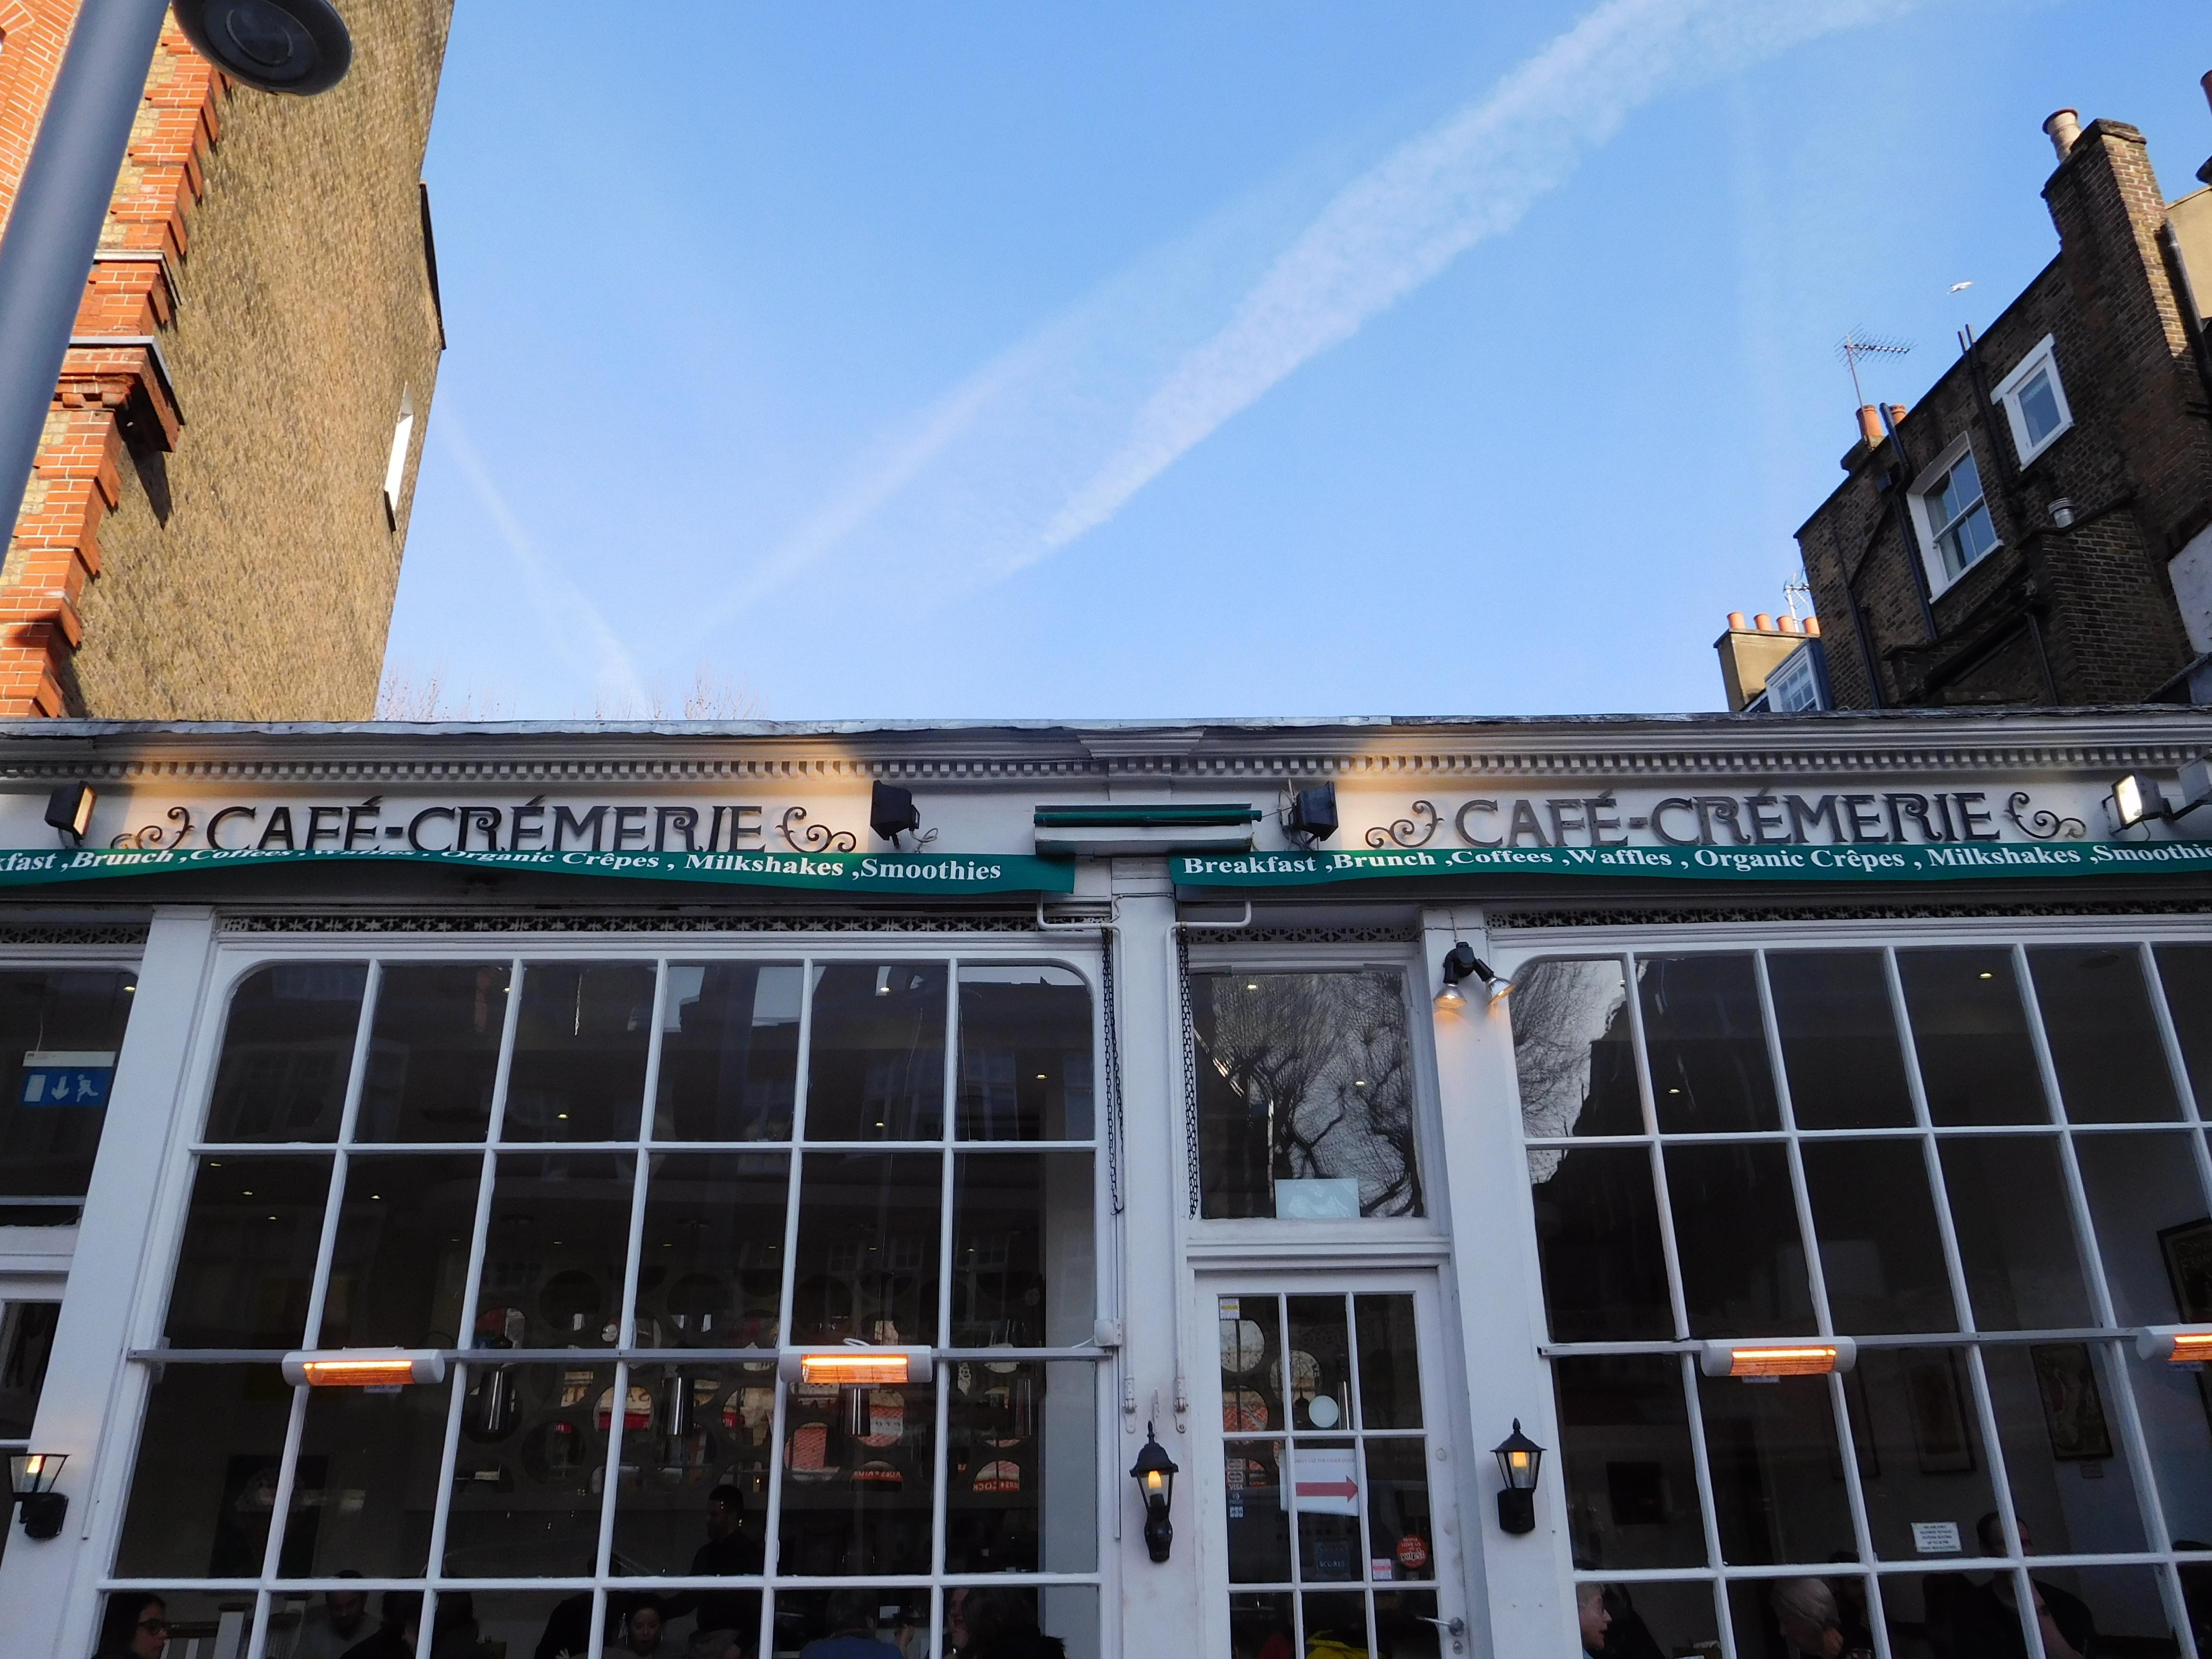 Kensington Crêperie, South Kensington, London